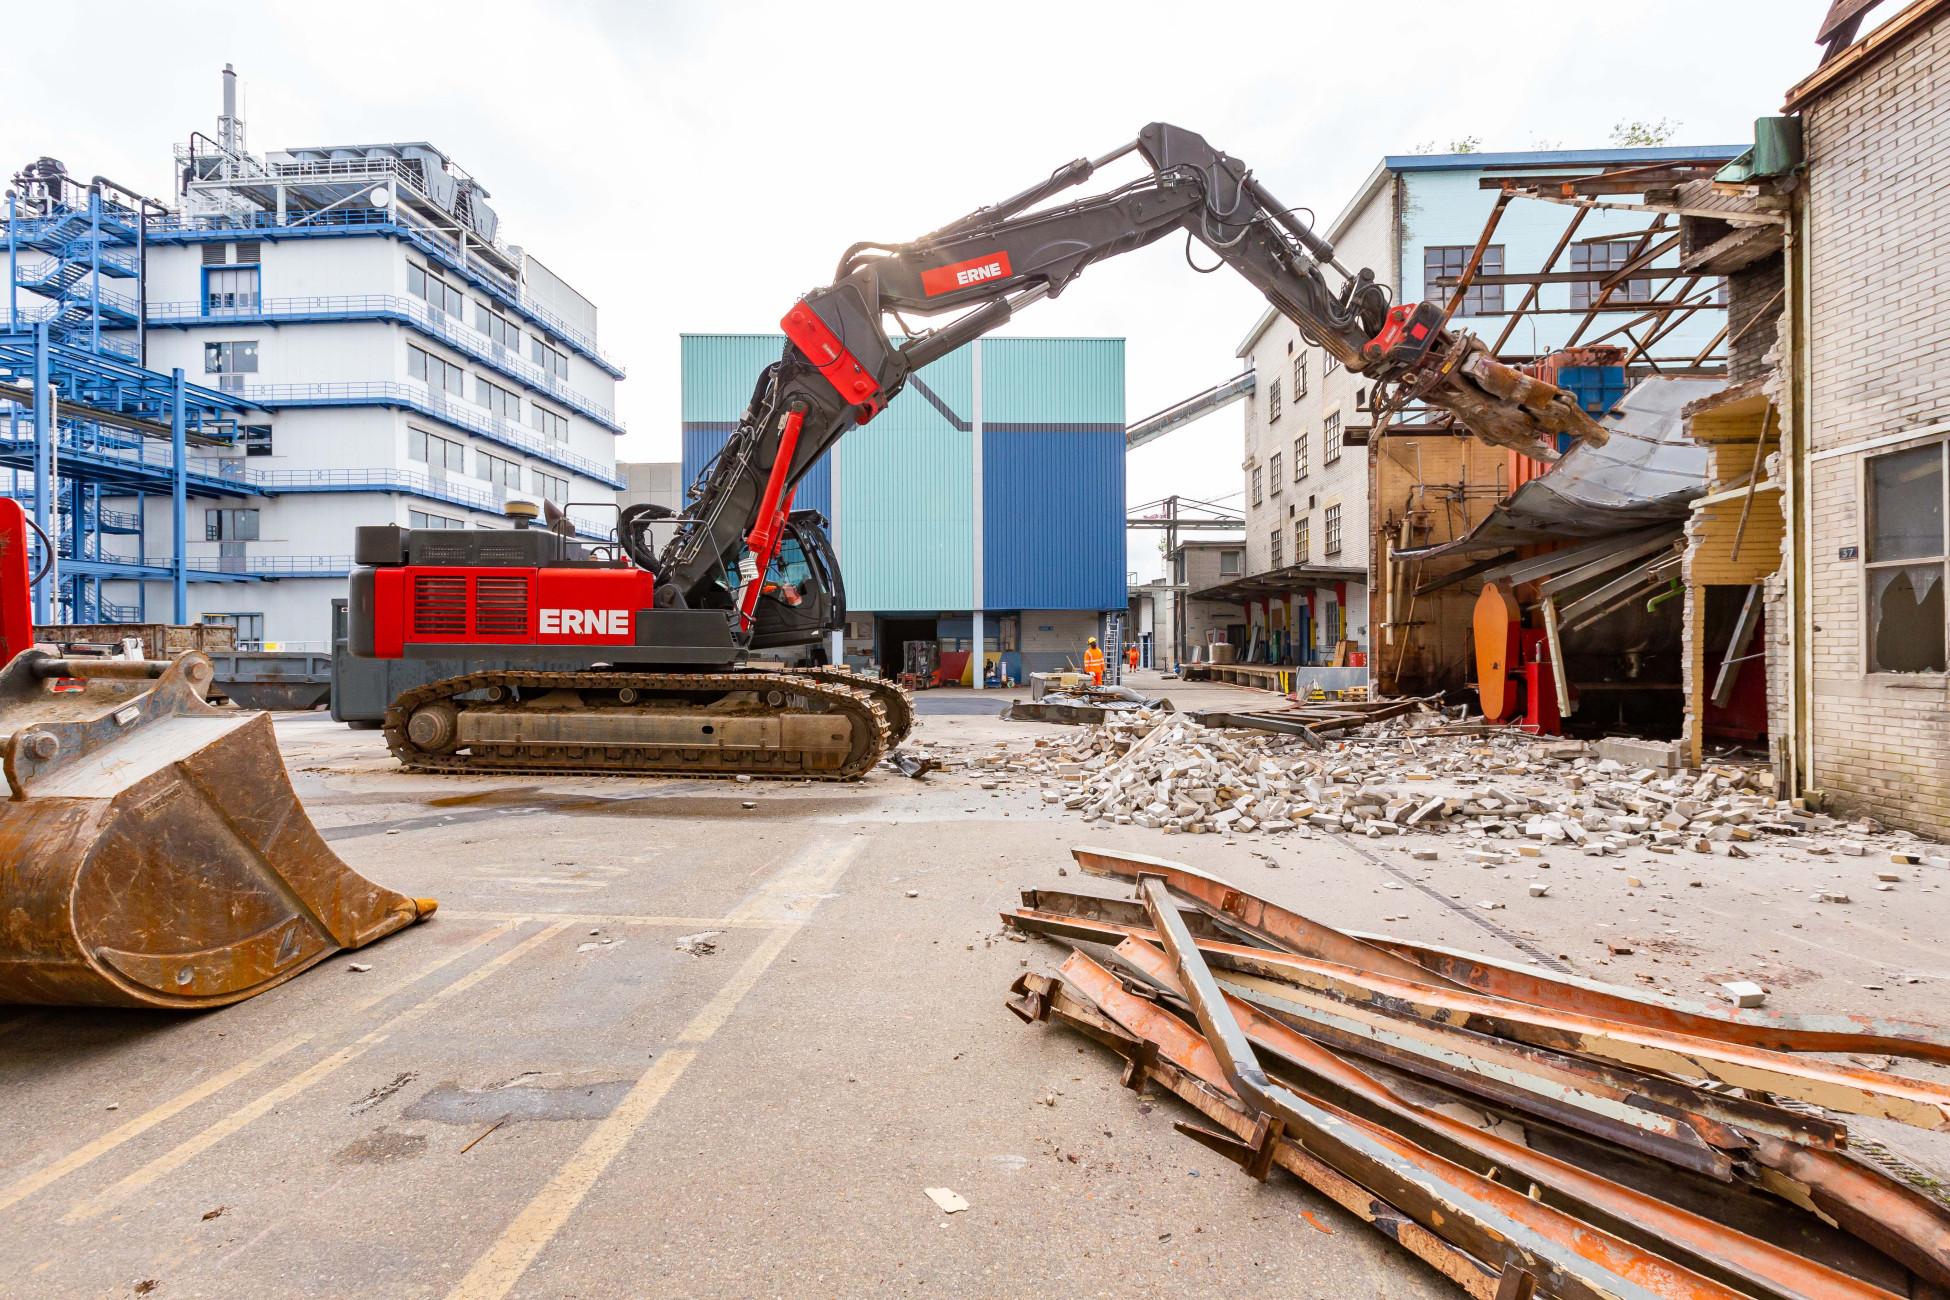 Sobald die Produktionsanlagen komplett entfernt waren, konnte das Gebäude mit dem grossen Bagger rückgebaut werden